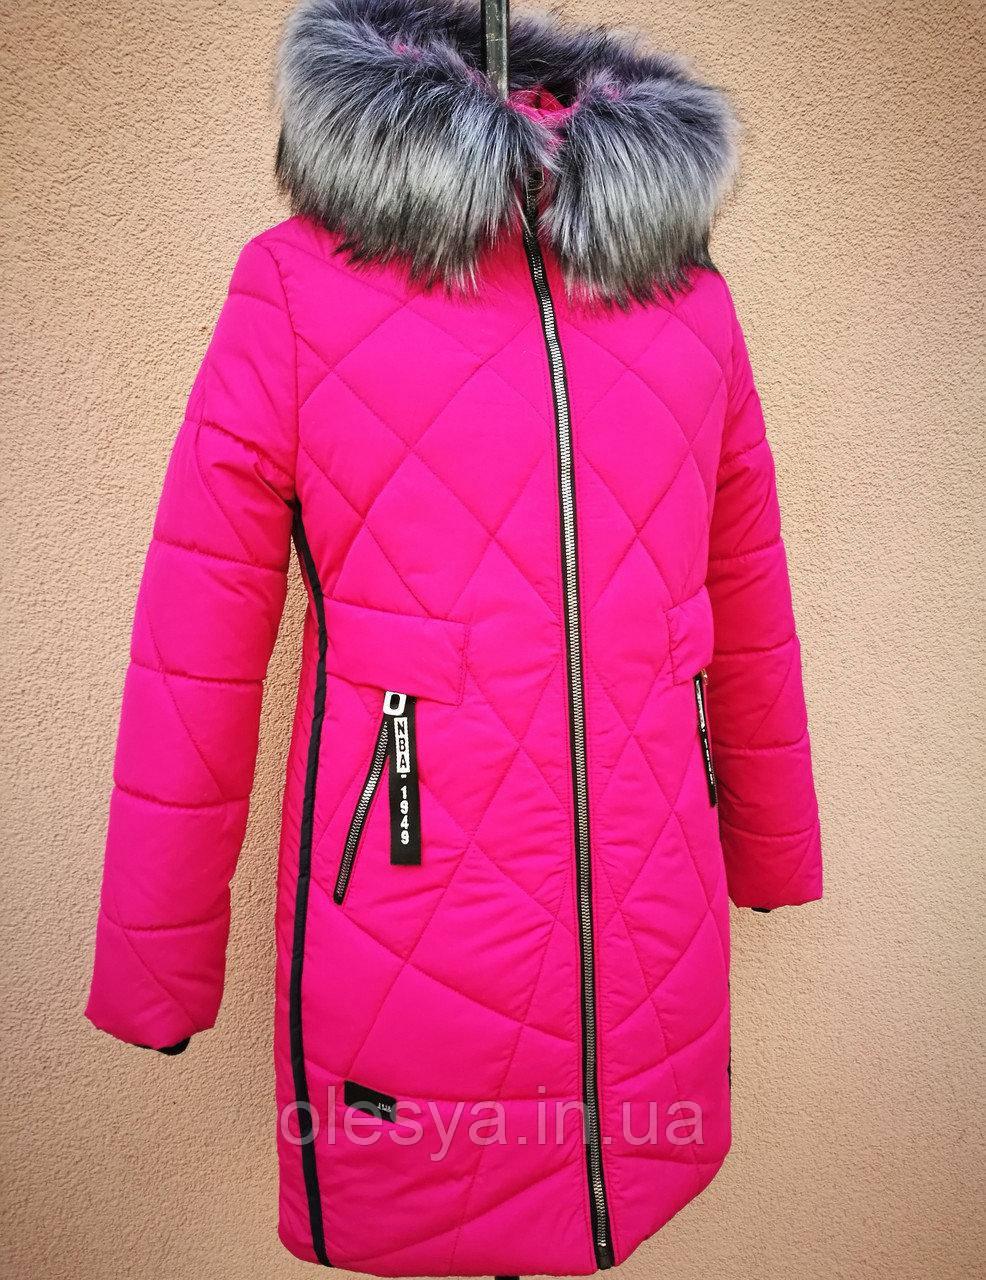 Зимнее подростковое пальто для девочек Бриллиант Размеры 38- 42